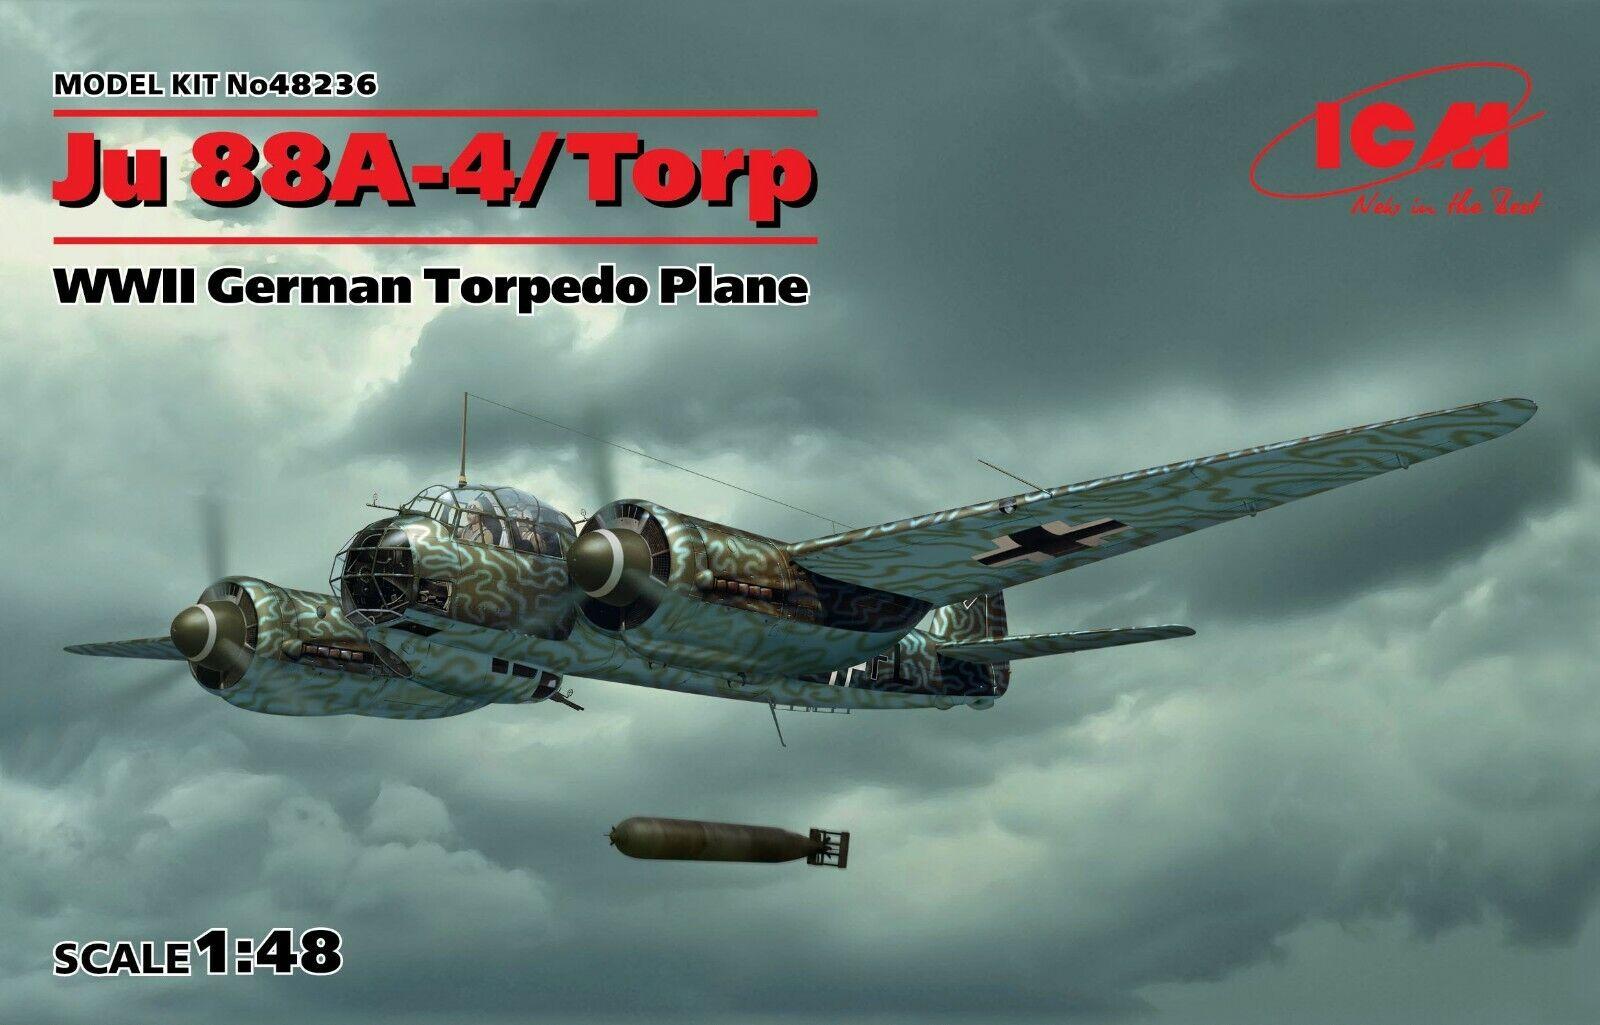 ICM 48236 Ju 88A-4 Torp, WWII German Torpedo Plan 1 48 plastic model kit 200 mm